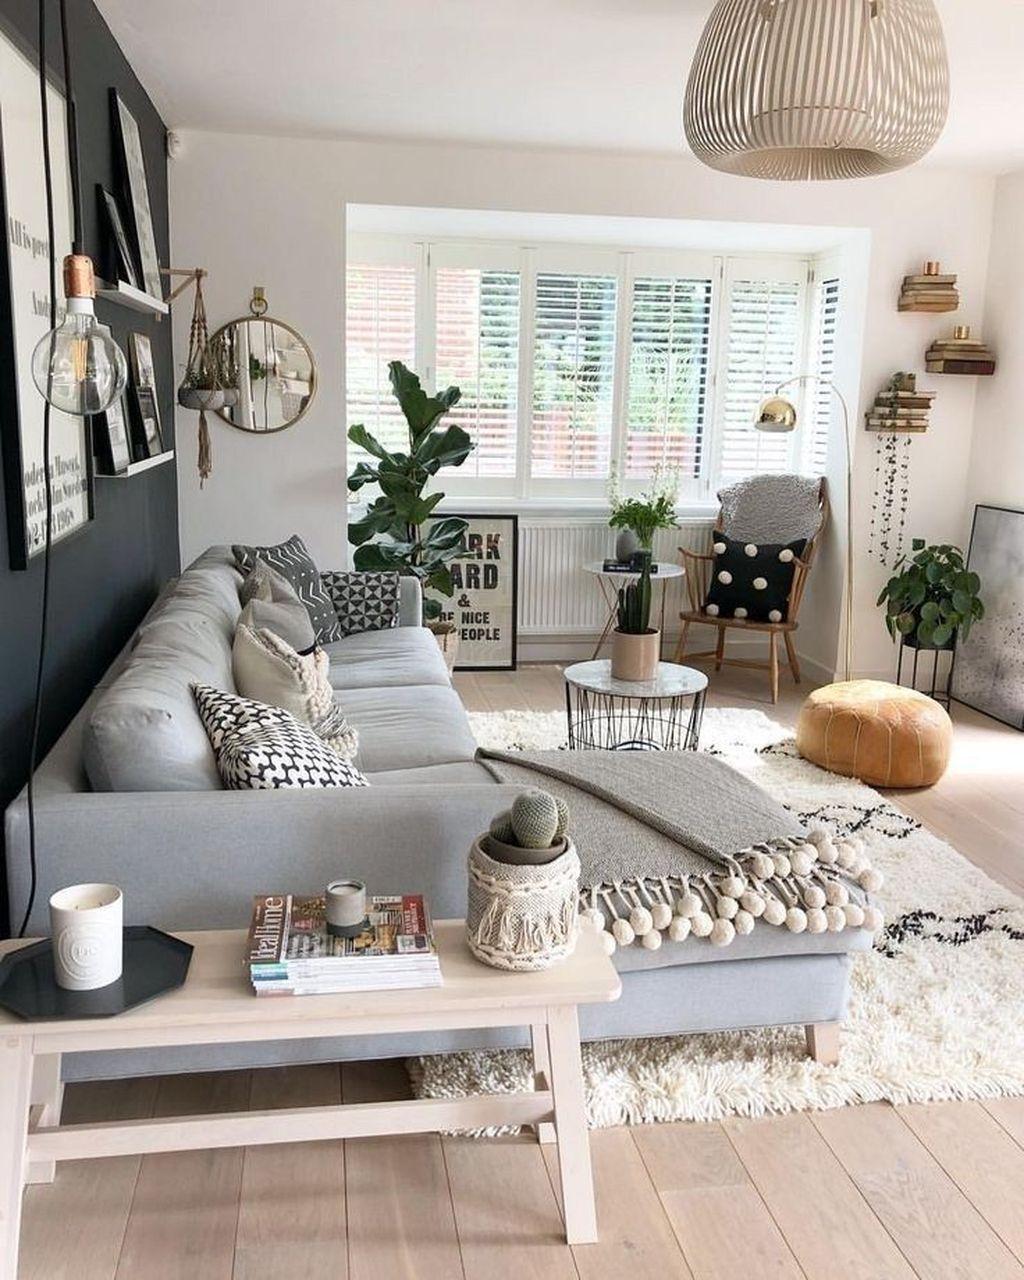 Brilliant Small Apartment Interior Design Ideas 24